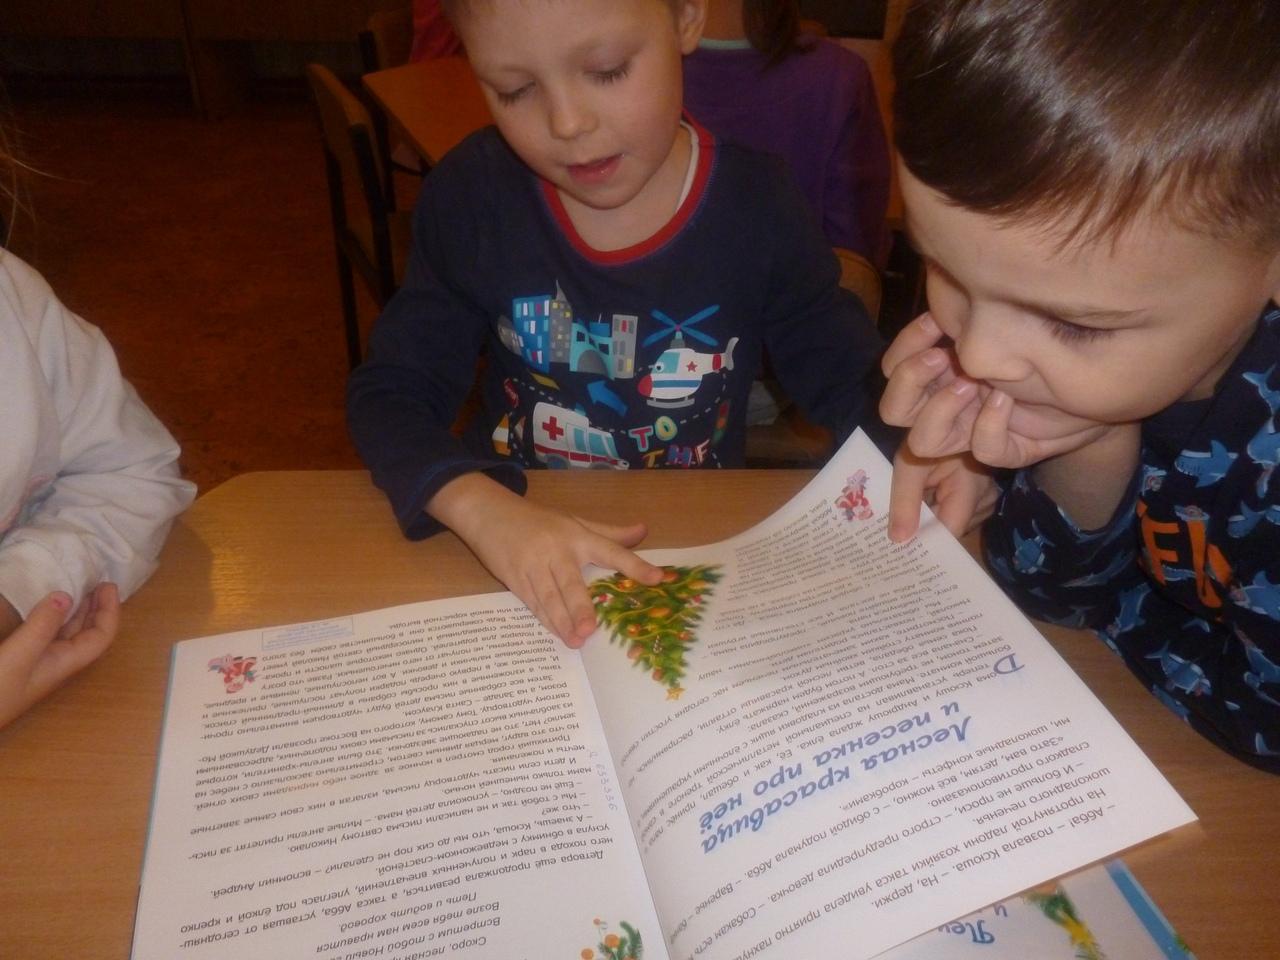 в лесу родилась елочка, юбилей песни, внестационарный отдел обслуживания, Донецкая республиканская библиотека для детей, детский сад 404